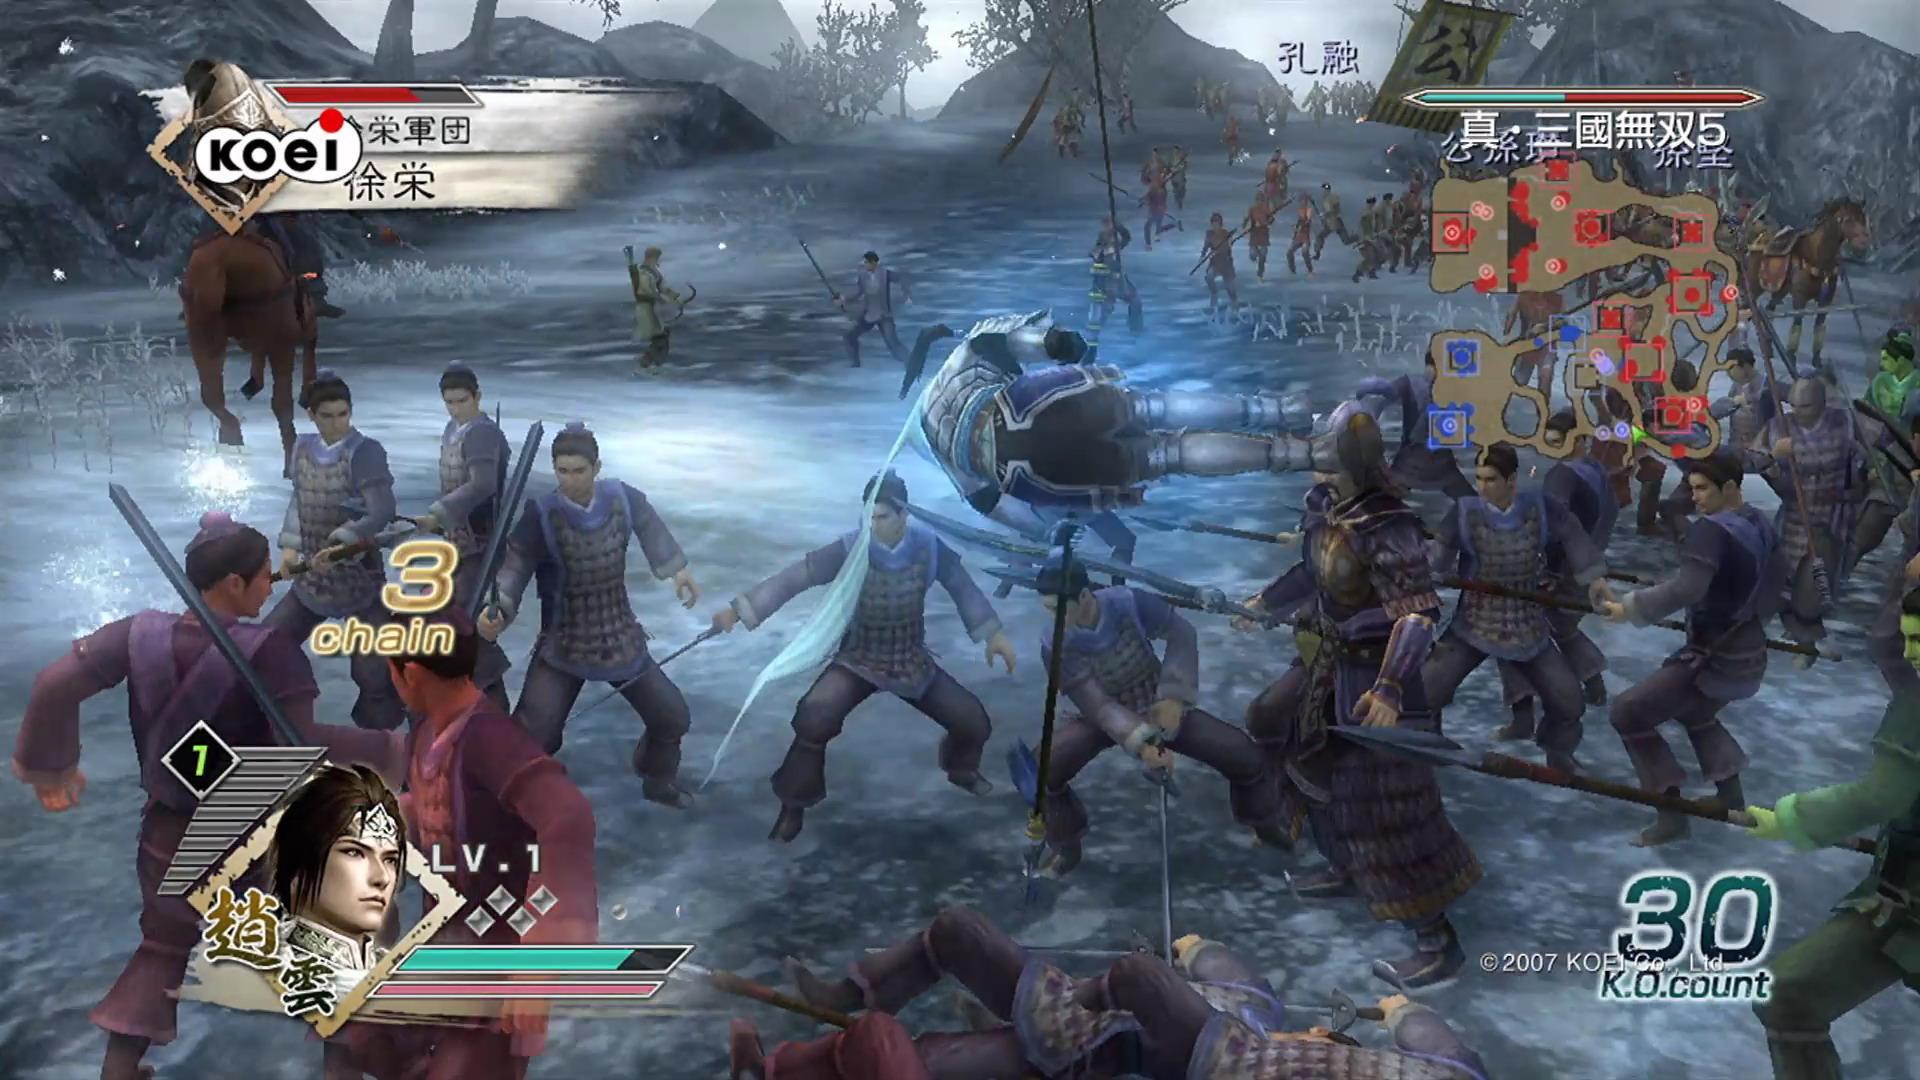 《真·三国无双5》tgs2007海量新游戏画面